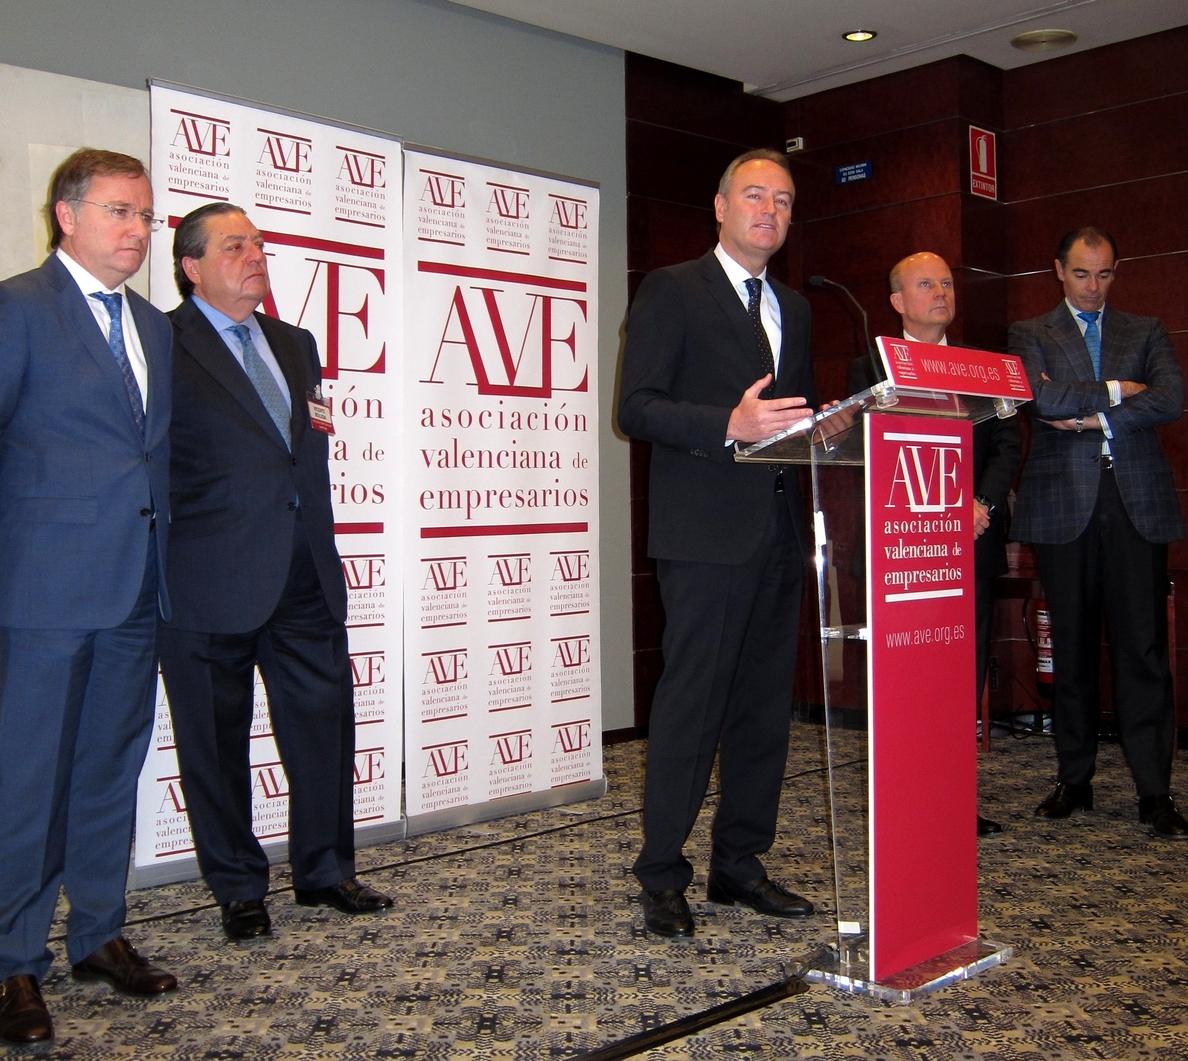 Valencia descarta «enfrentamiento» en financiación con otras CCAA pero remarca su «obligación de denunciar injusticias»